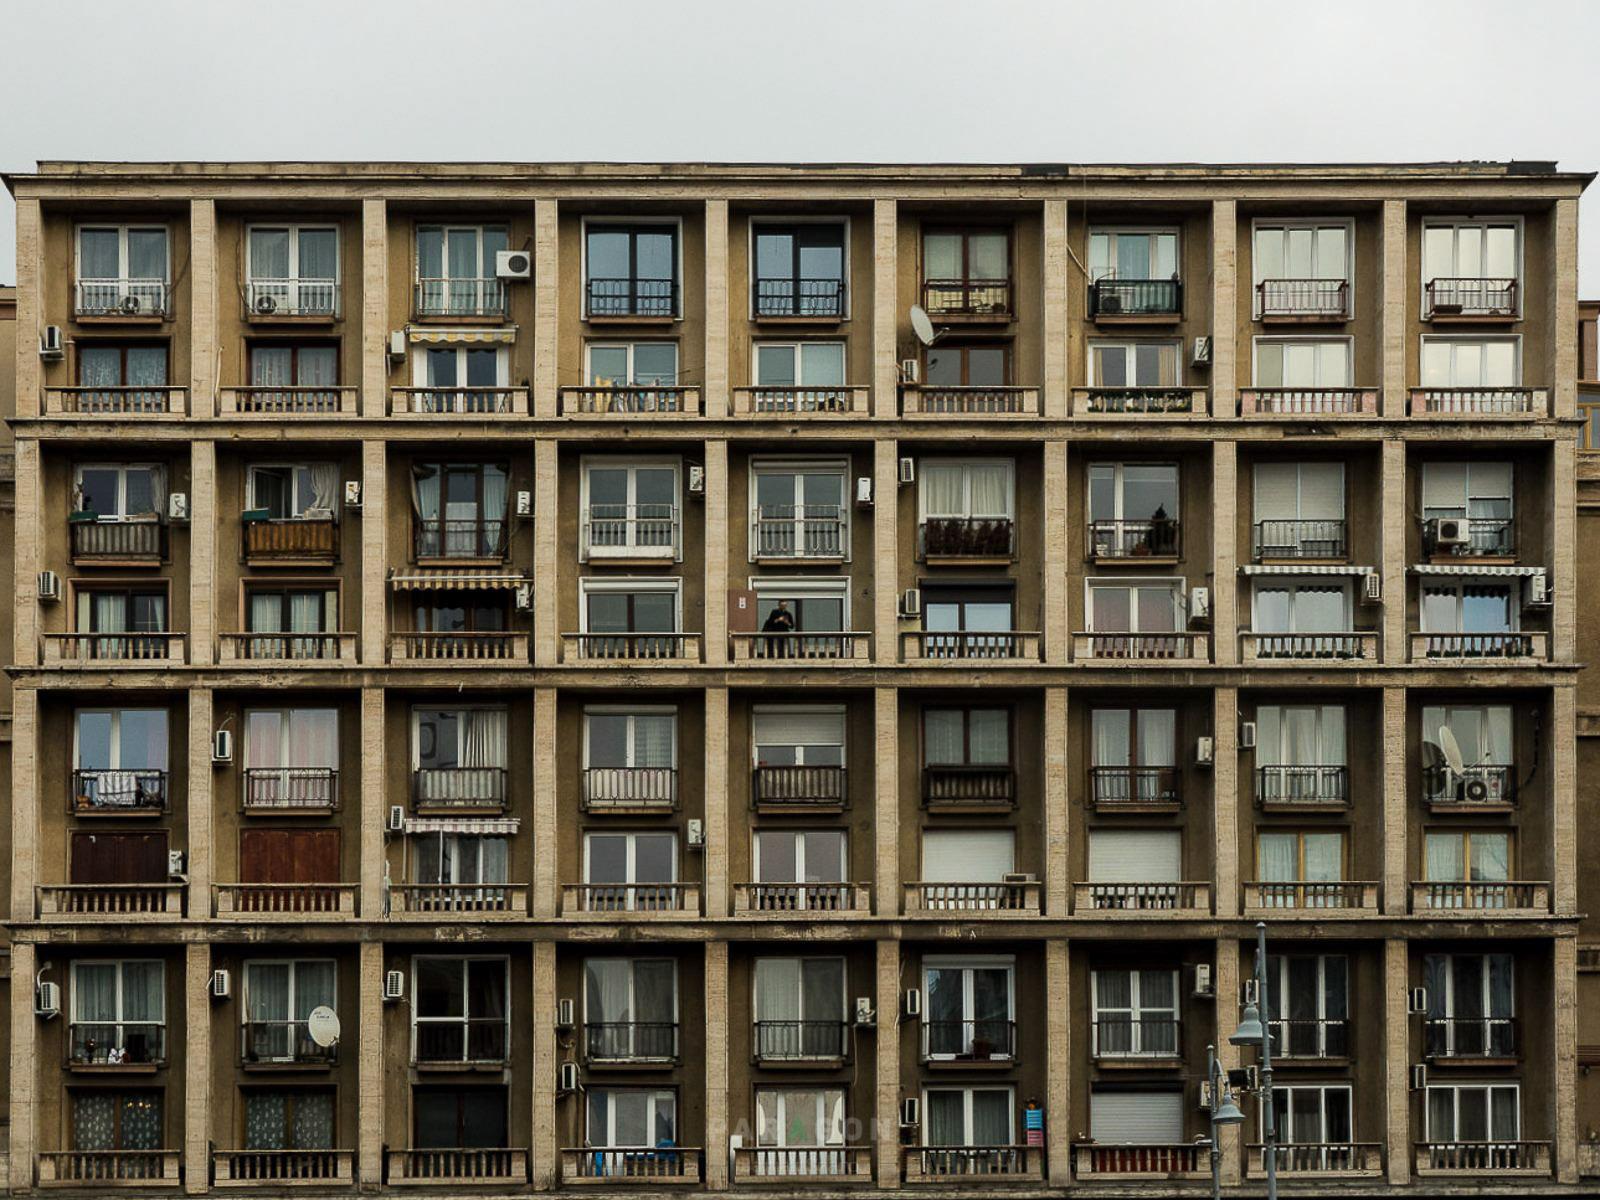 Bukareszt B-E-T-O-N-O-W-Y.  10 budowli, których szkoda nie zobaczyć w Bukareszcie